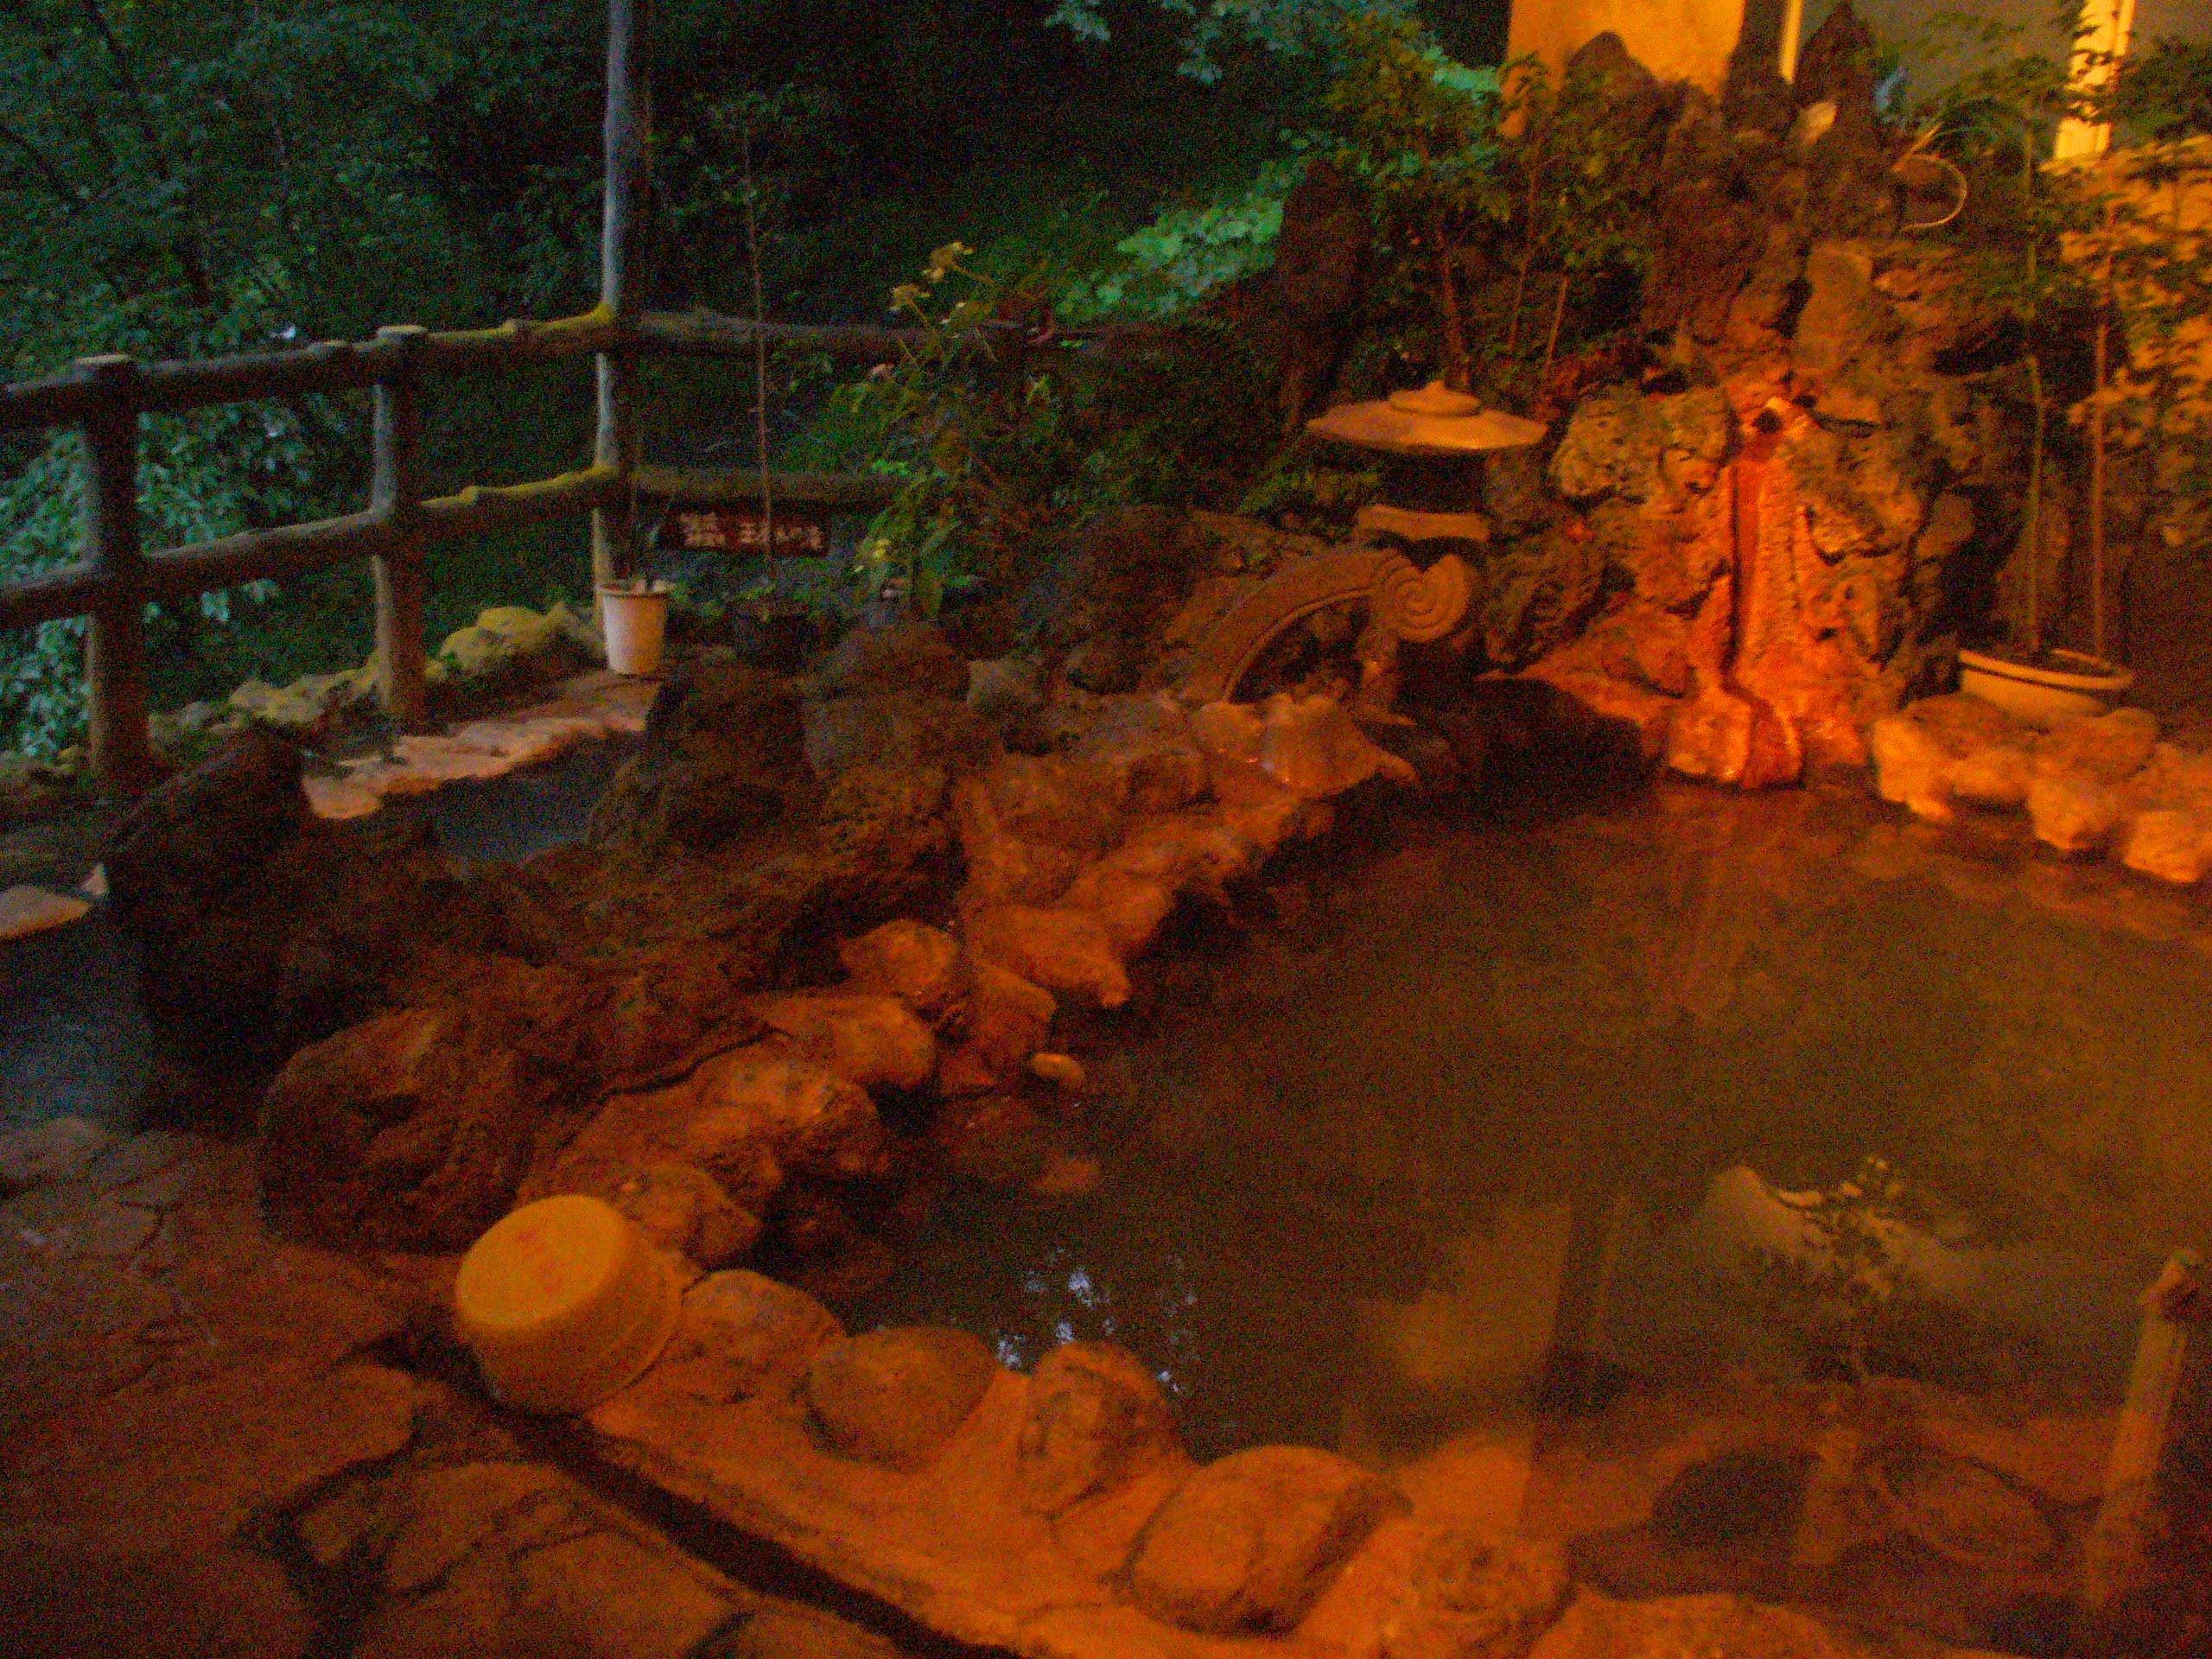 瀬音露天風呂。上下二段になっています。上段の湯には源泉が注がれています。